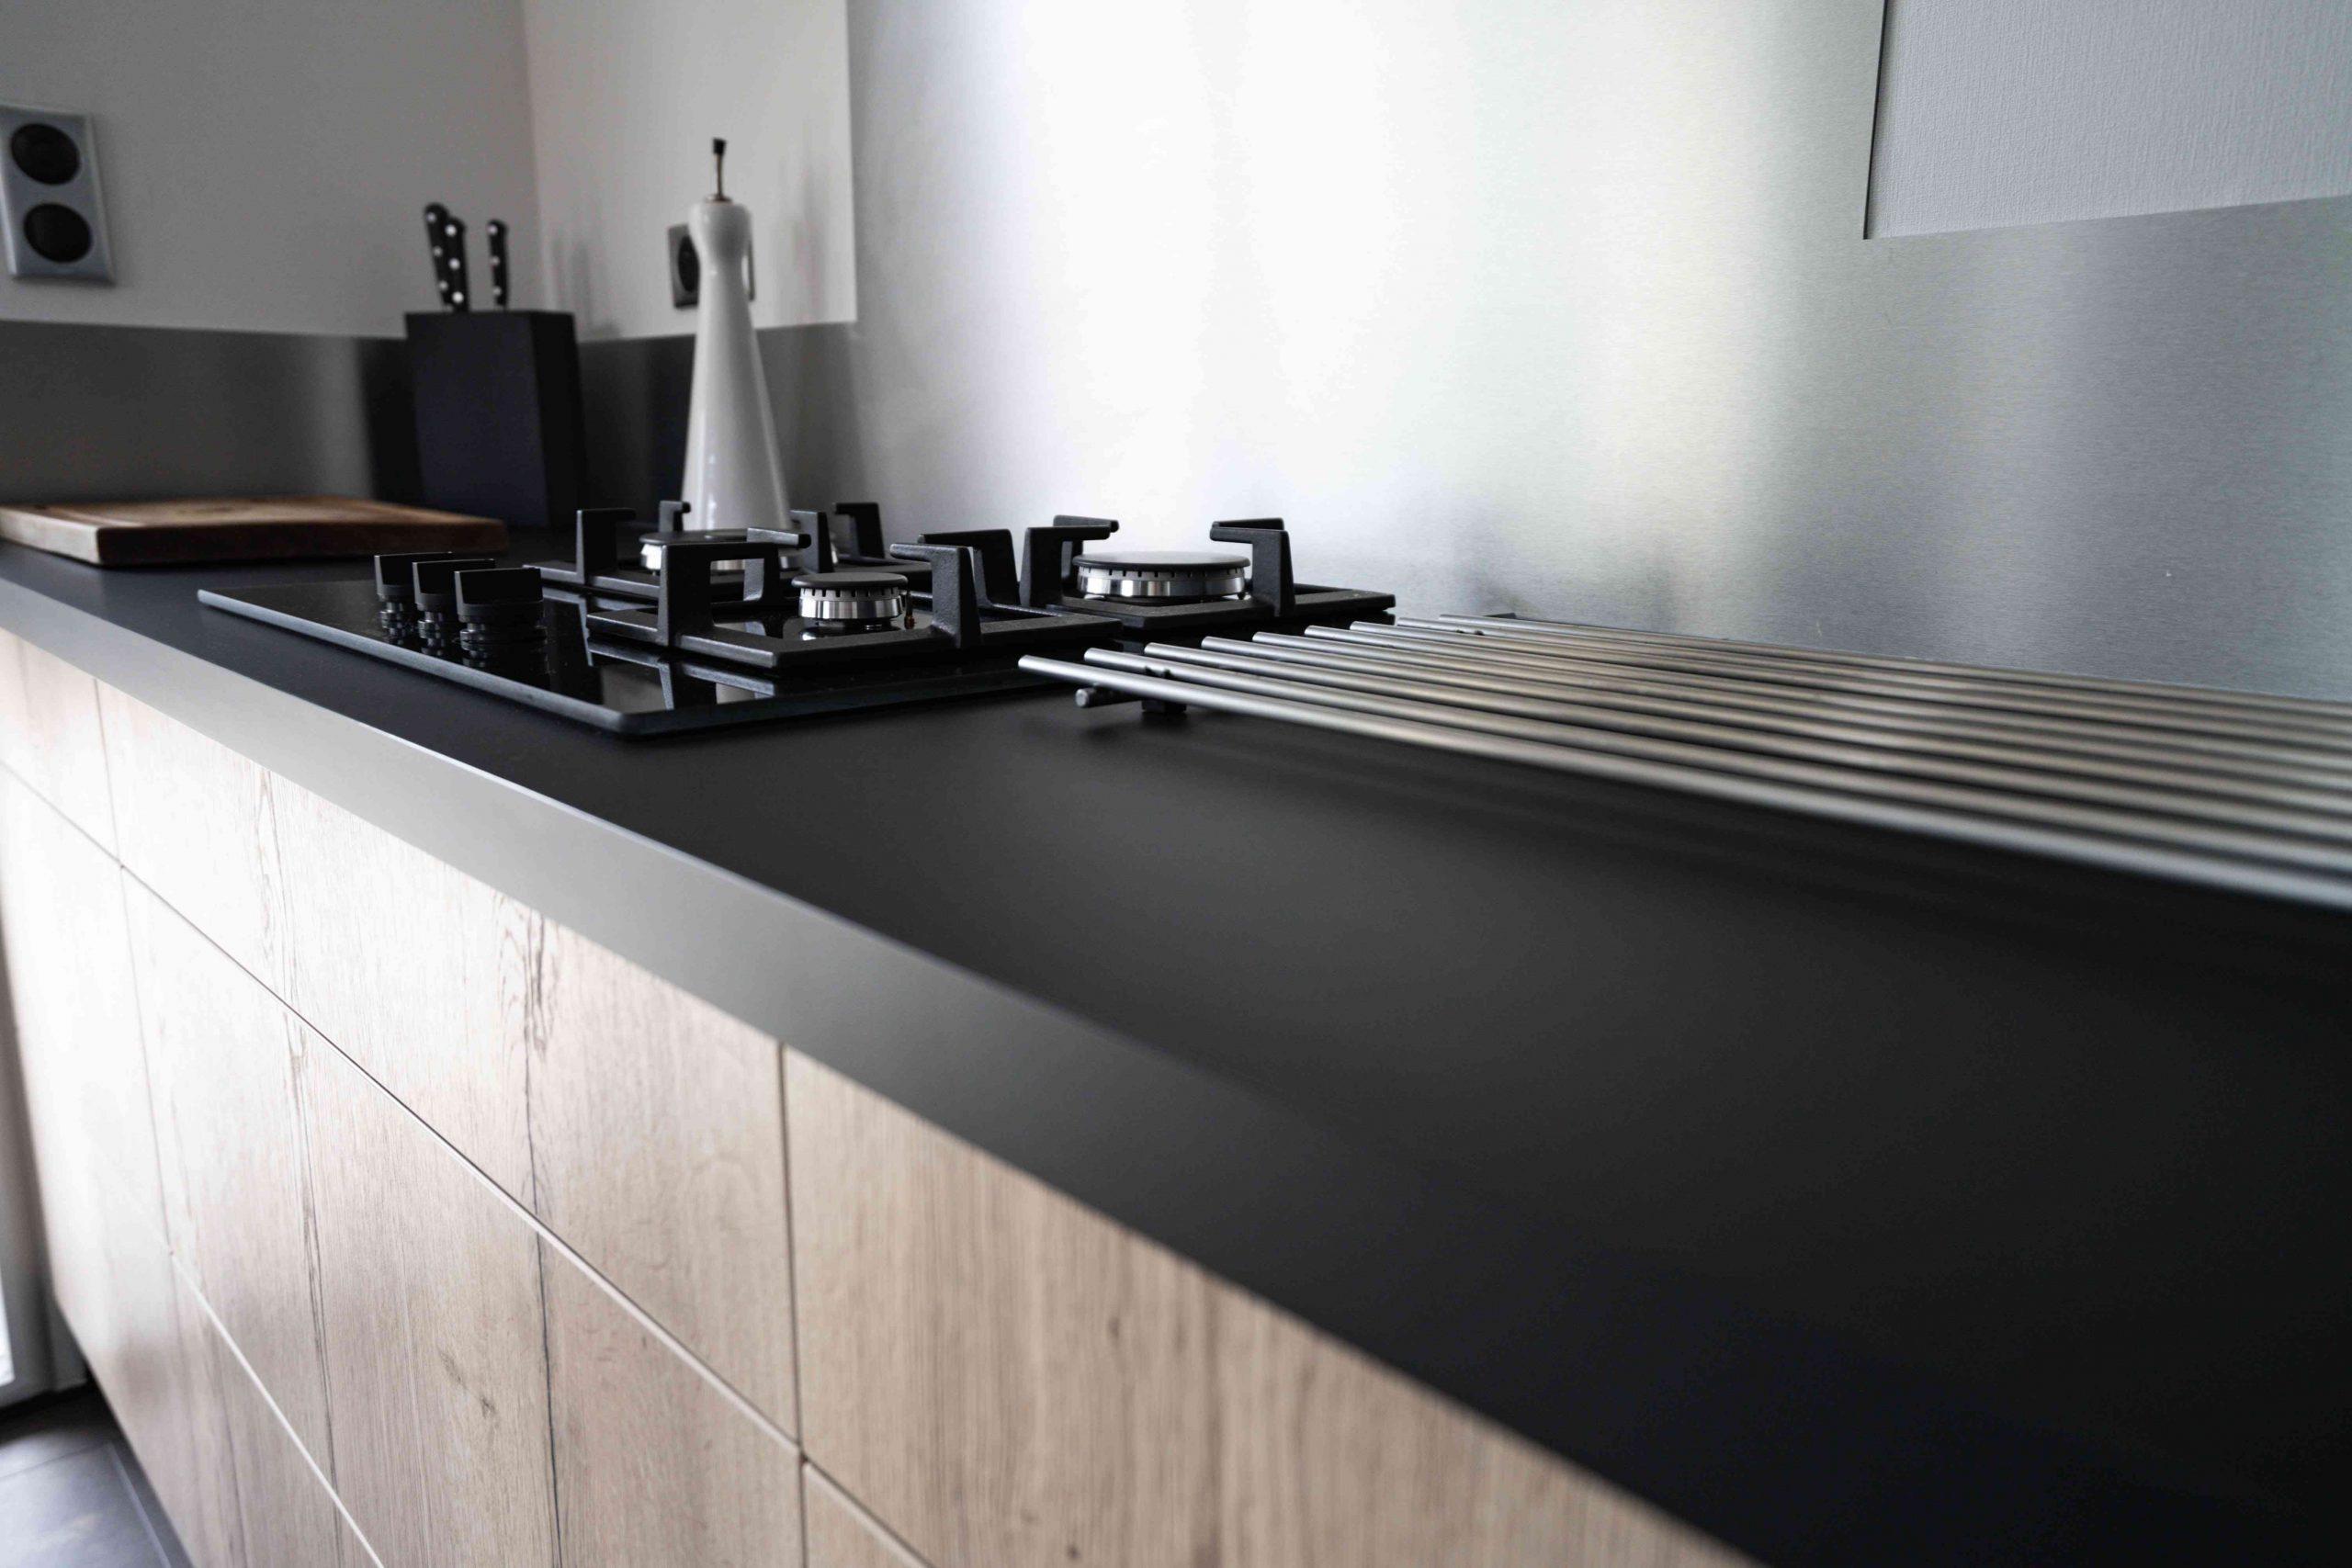 RDI01265 scaled - Cuisine noir et chêne avec table de repas arrondie